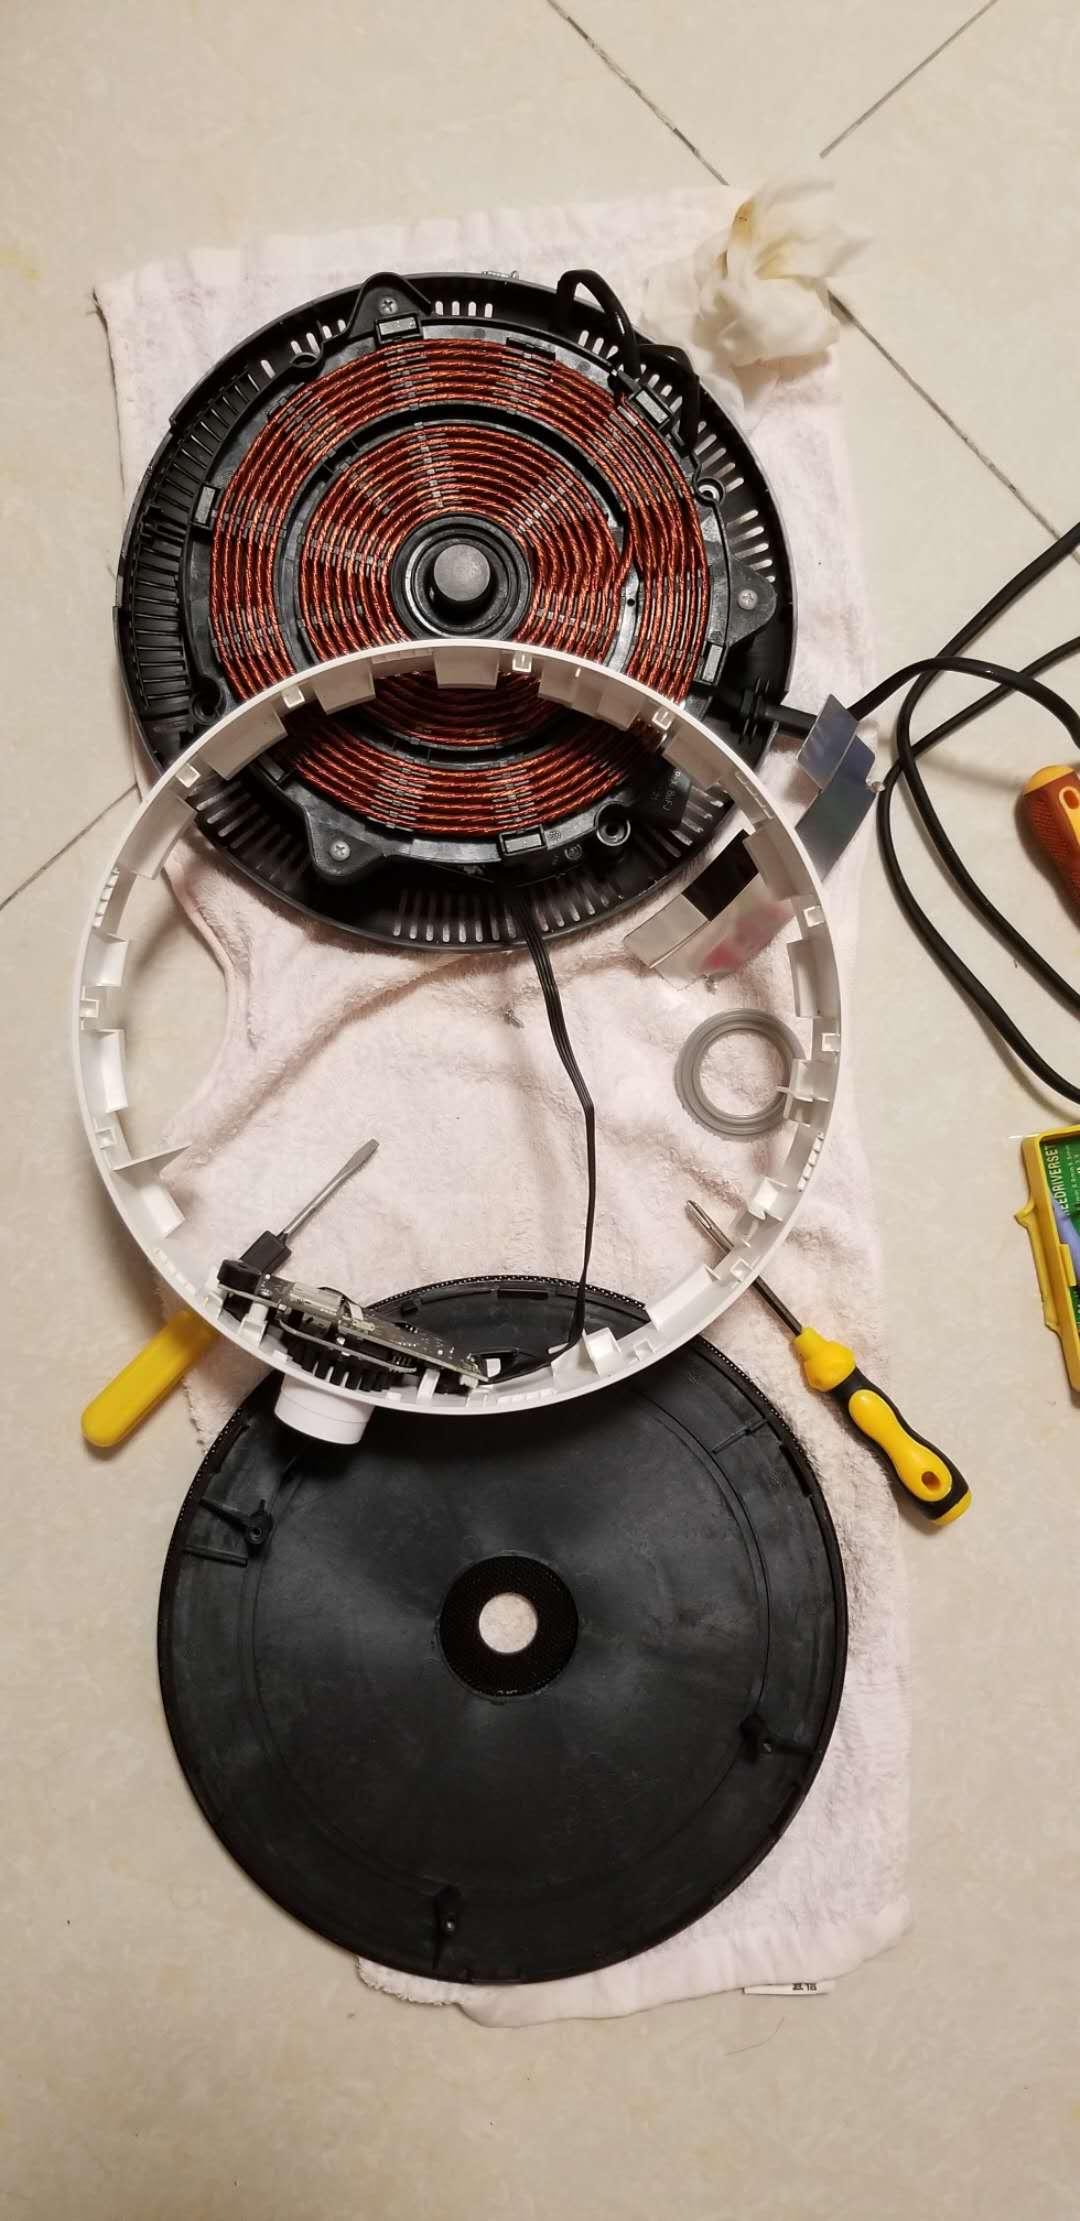 小米米家电磁炉拆机 旋转按钮长按失效修复教程 设计缺陷